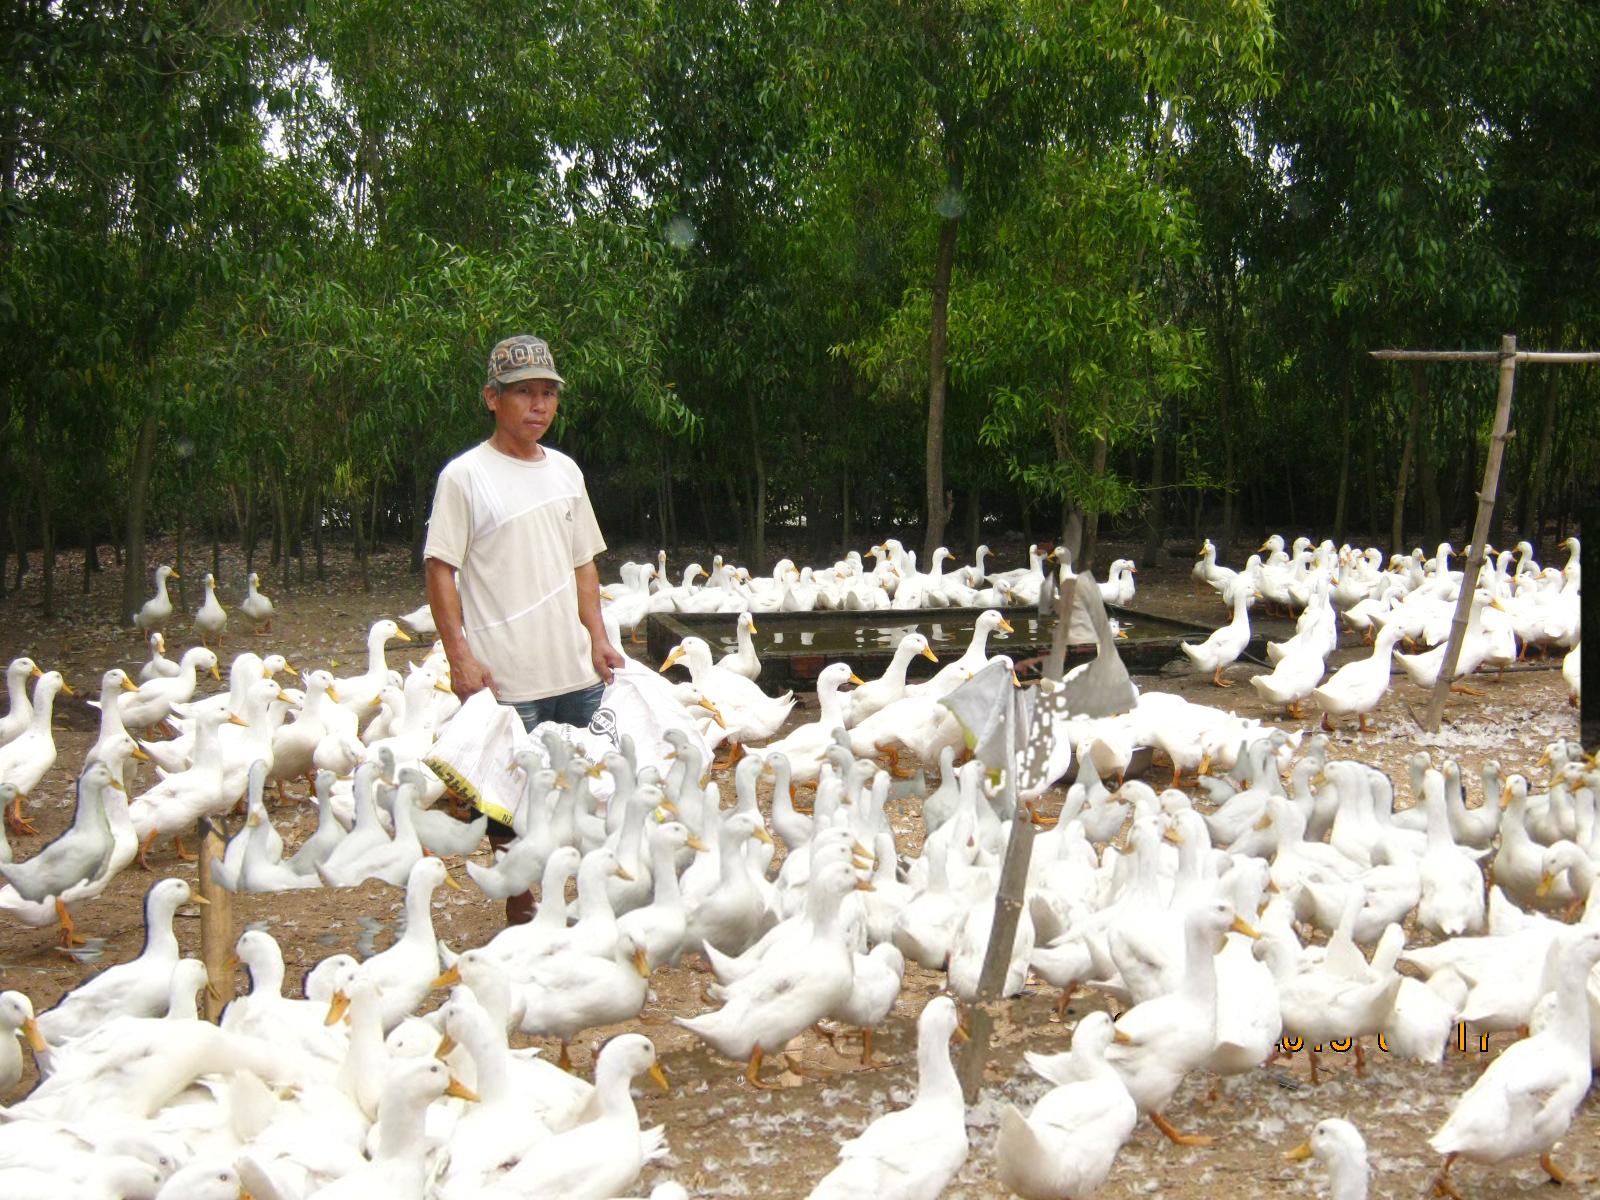 Kỹ thuật chăn nuôi vịt thả vườn khỏe mạnh, năng suất cao - 562ee88a7e65a